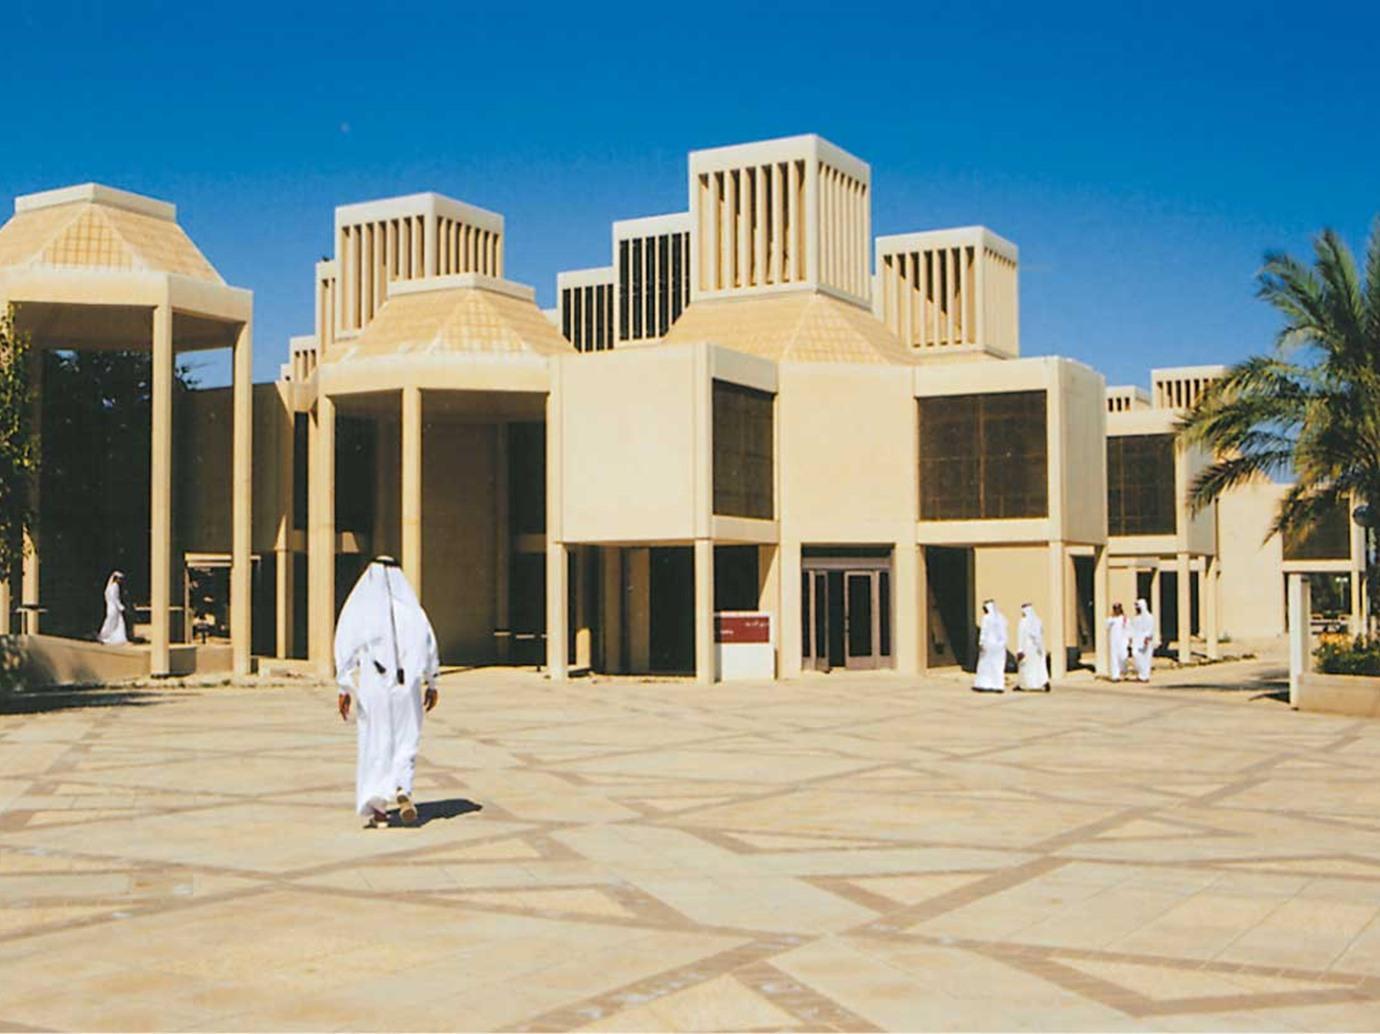 فرصة للدراسة في قطر  عبر منح جامعة قطر 2019